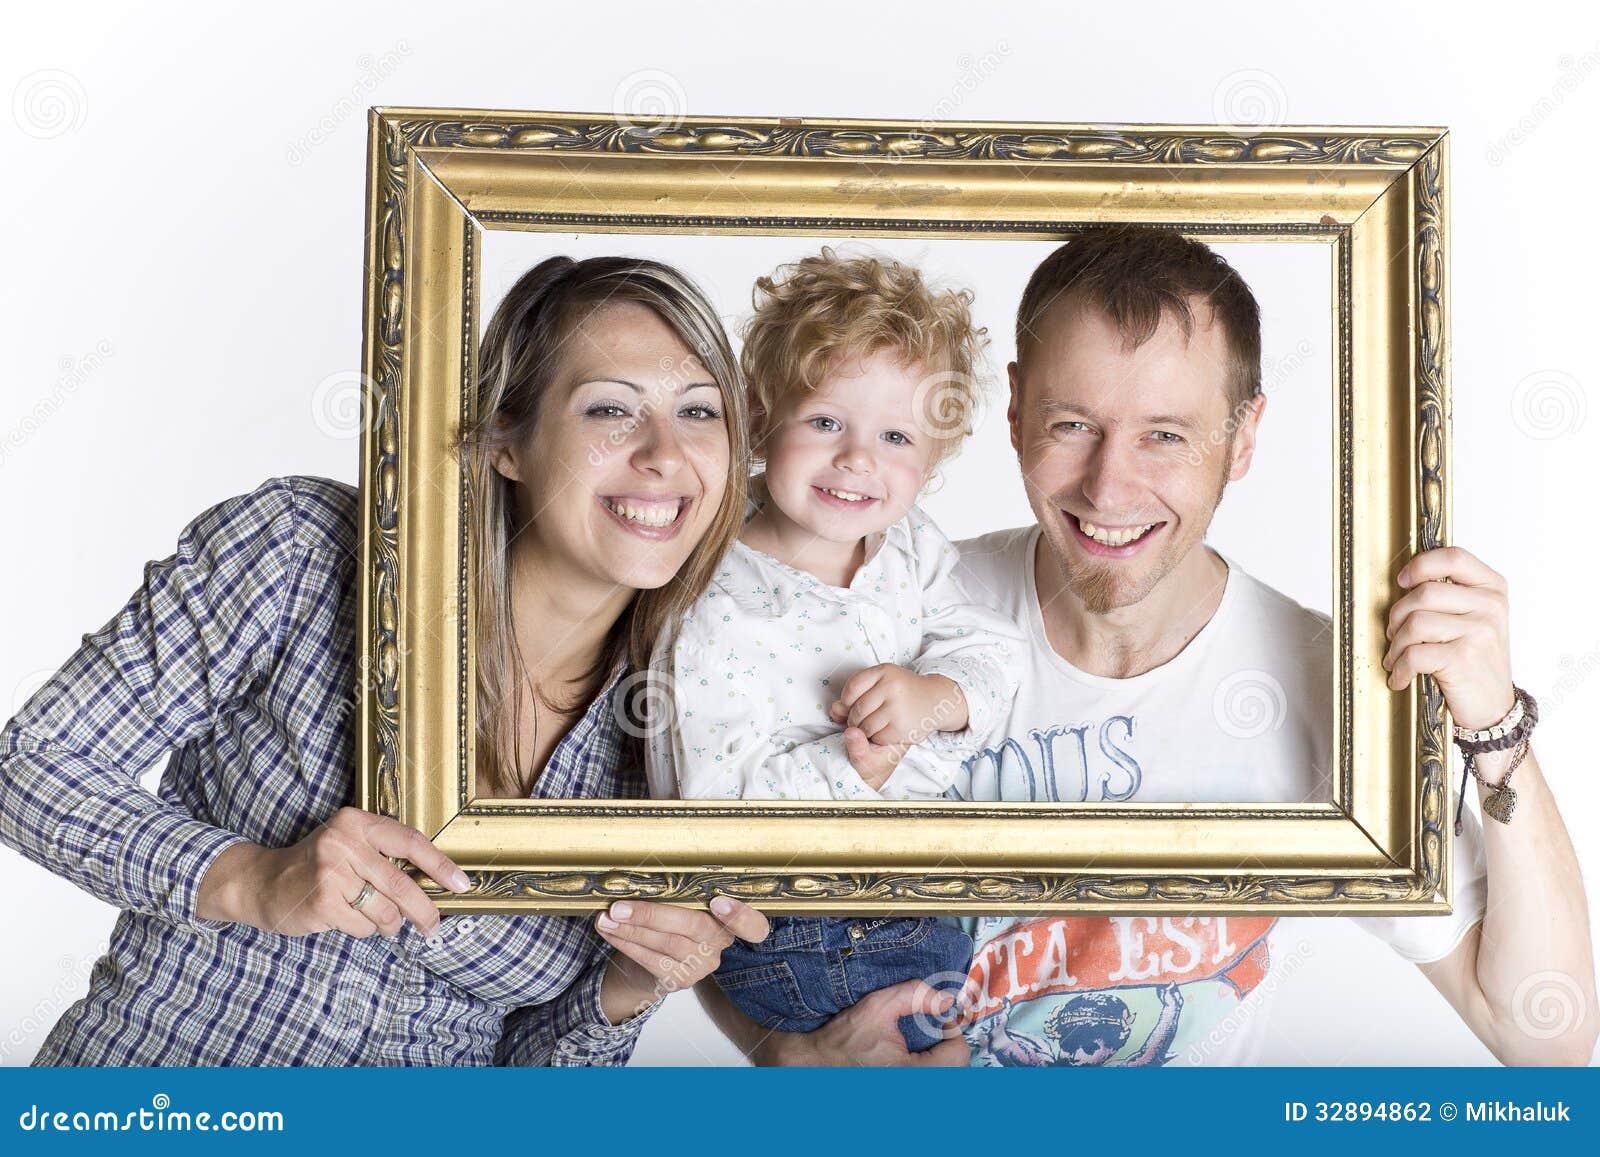 Glückliche Familie gestaltet durch einen Bilderrahmen